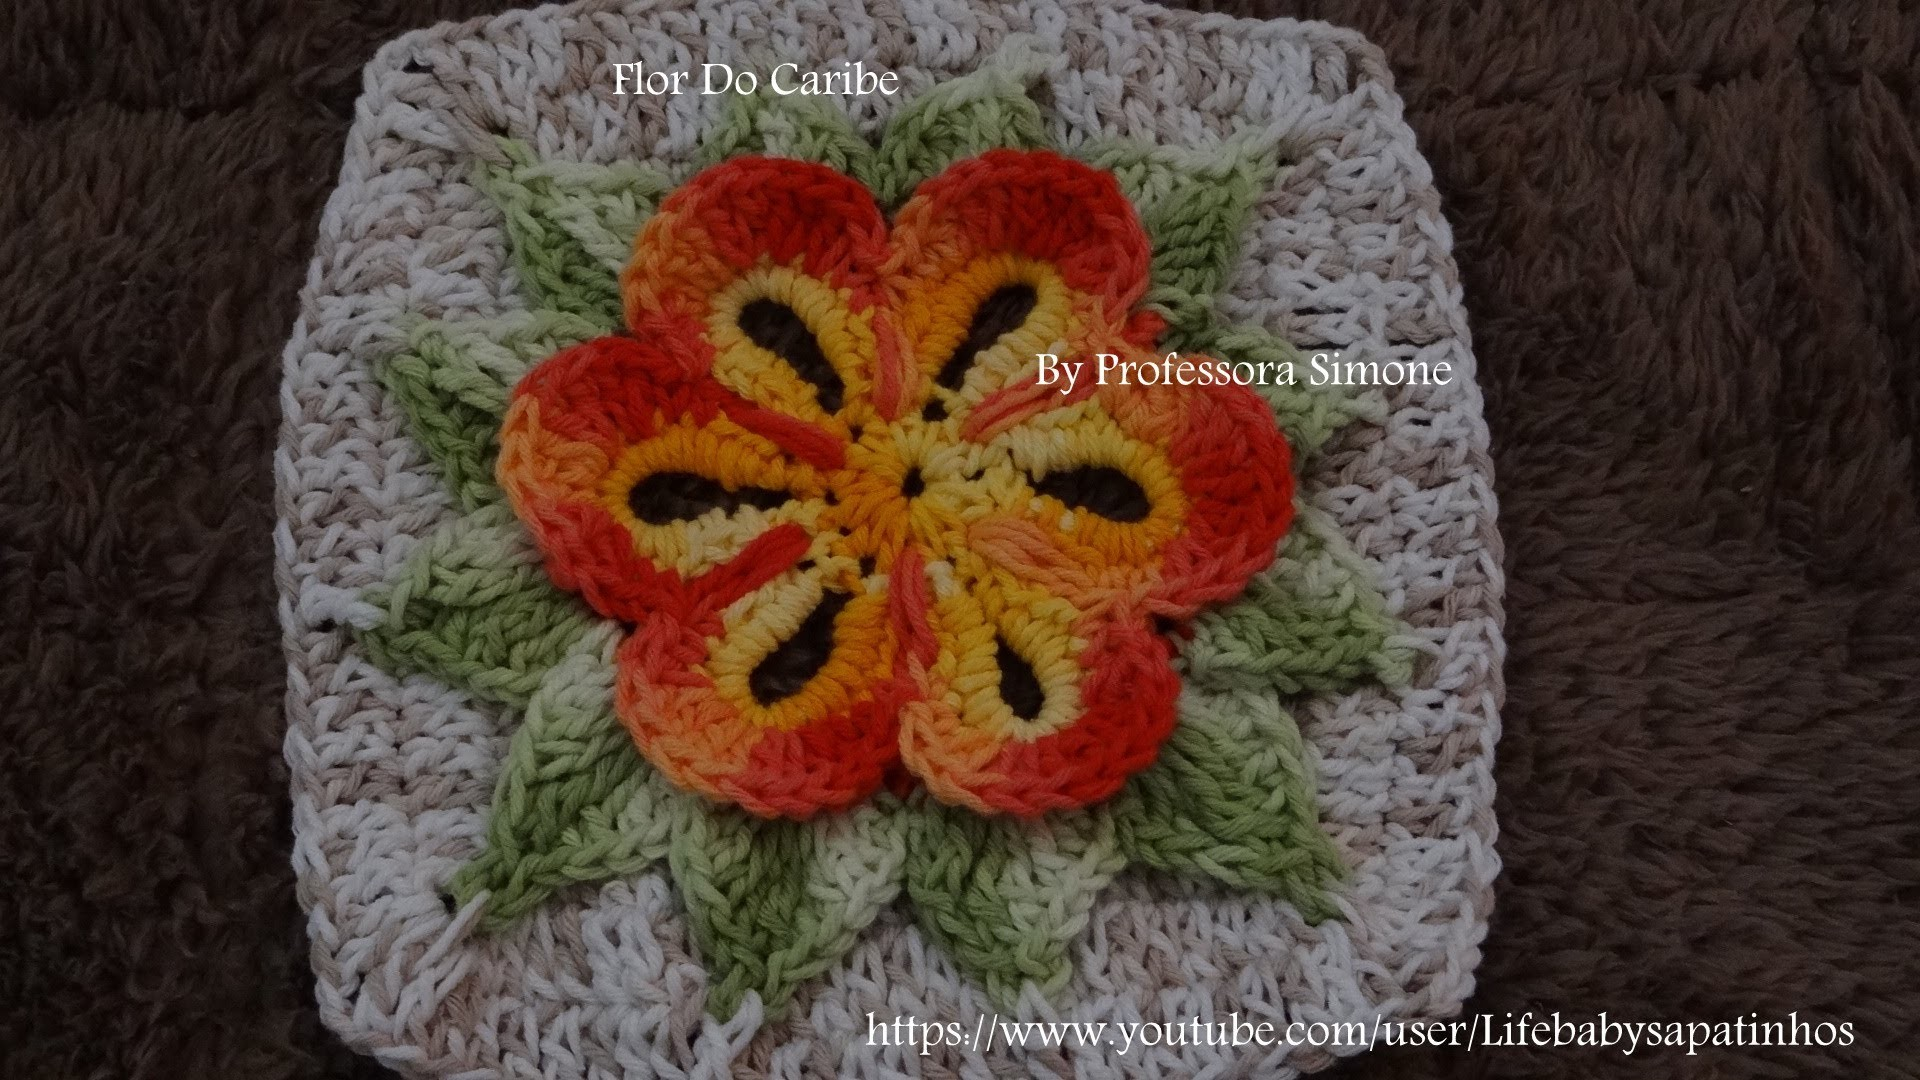 Passo a passo da Flor do Caribe em Crochê